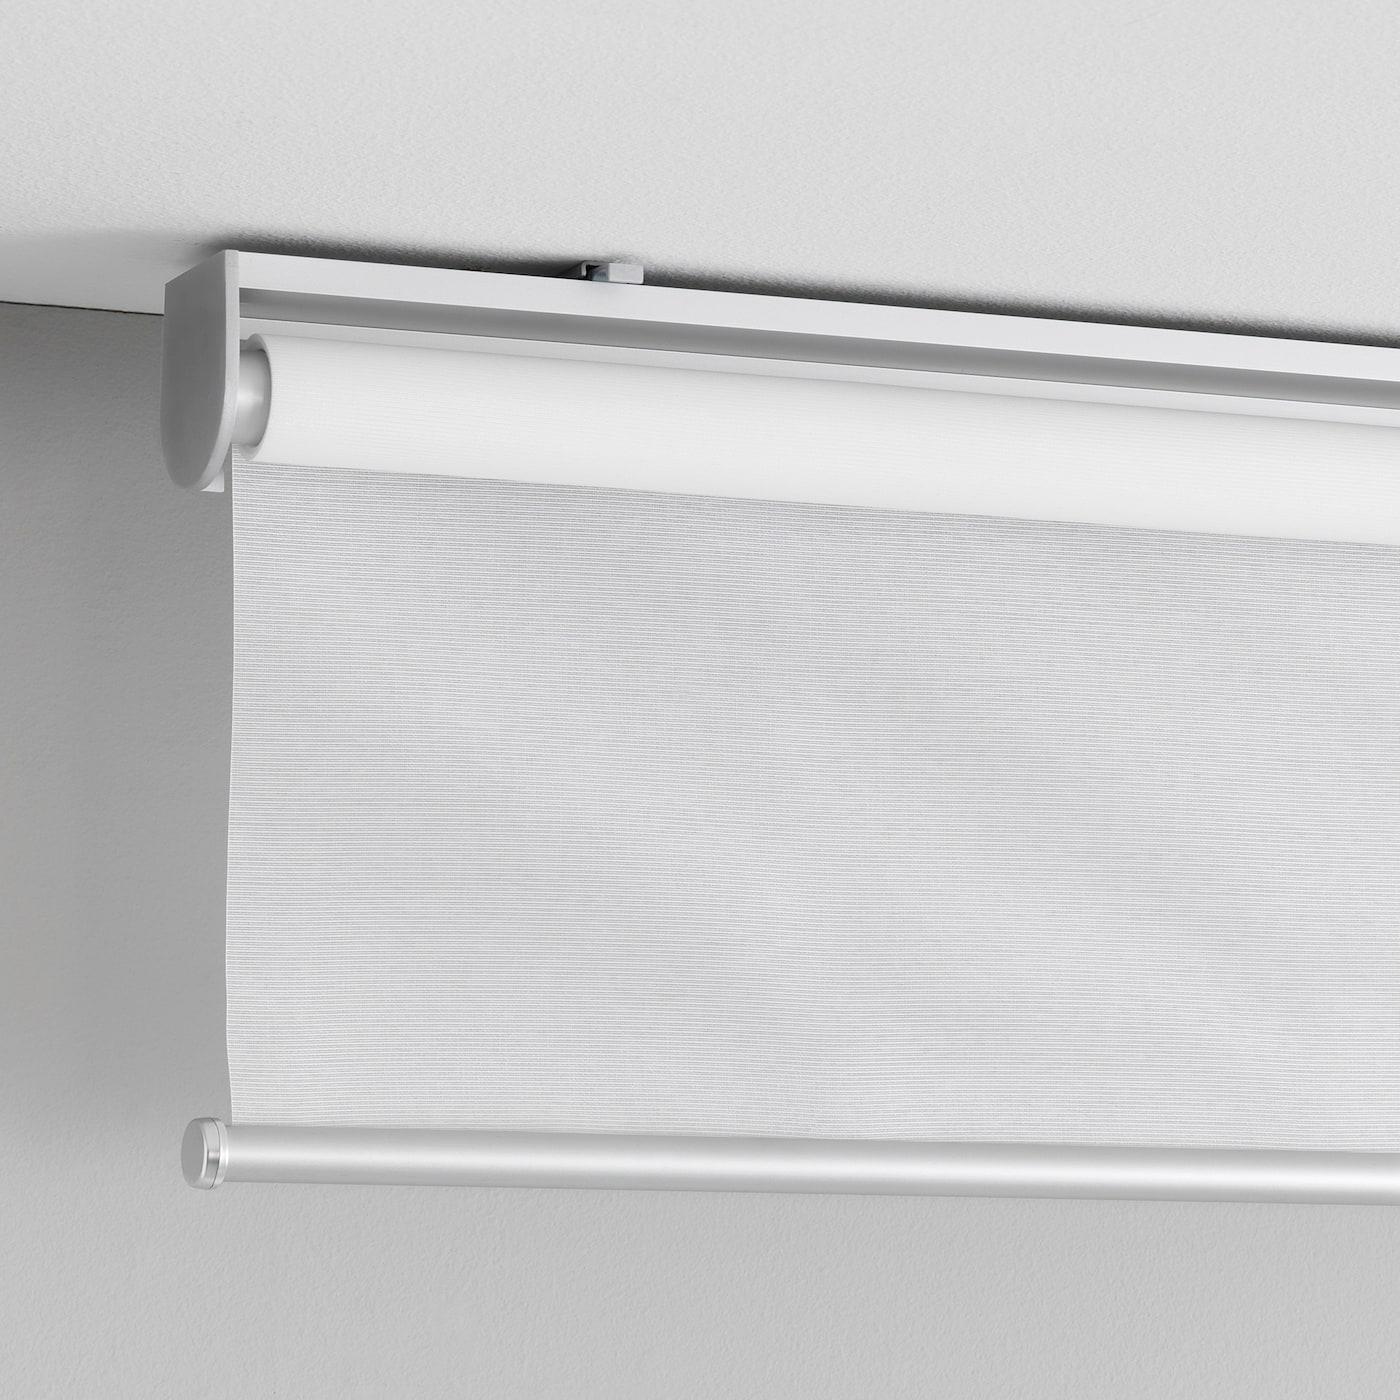 Tenda a rullo oscurante con comando a catenella misure e colori a scelta. Skogsklover Tenda A Rullo Bianco 60x195 Cm Ikea It